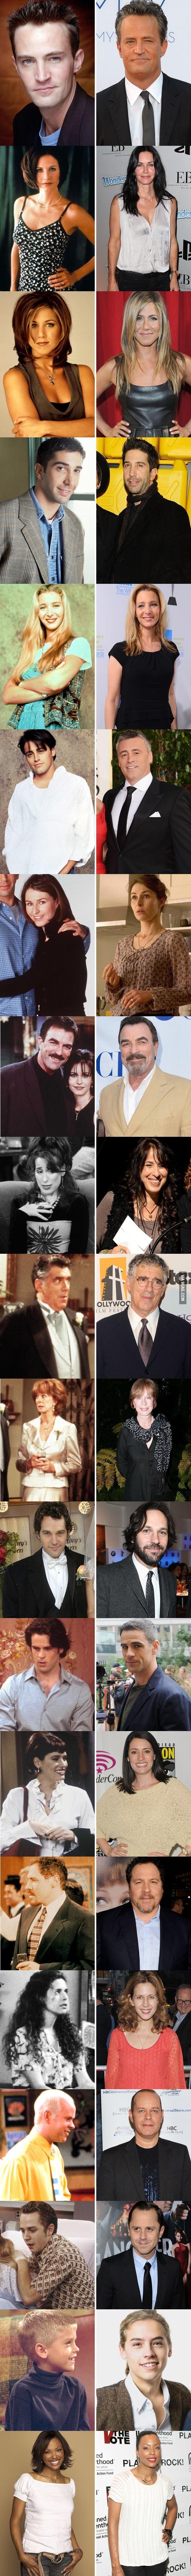 antes e depois dos atores do friends